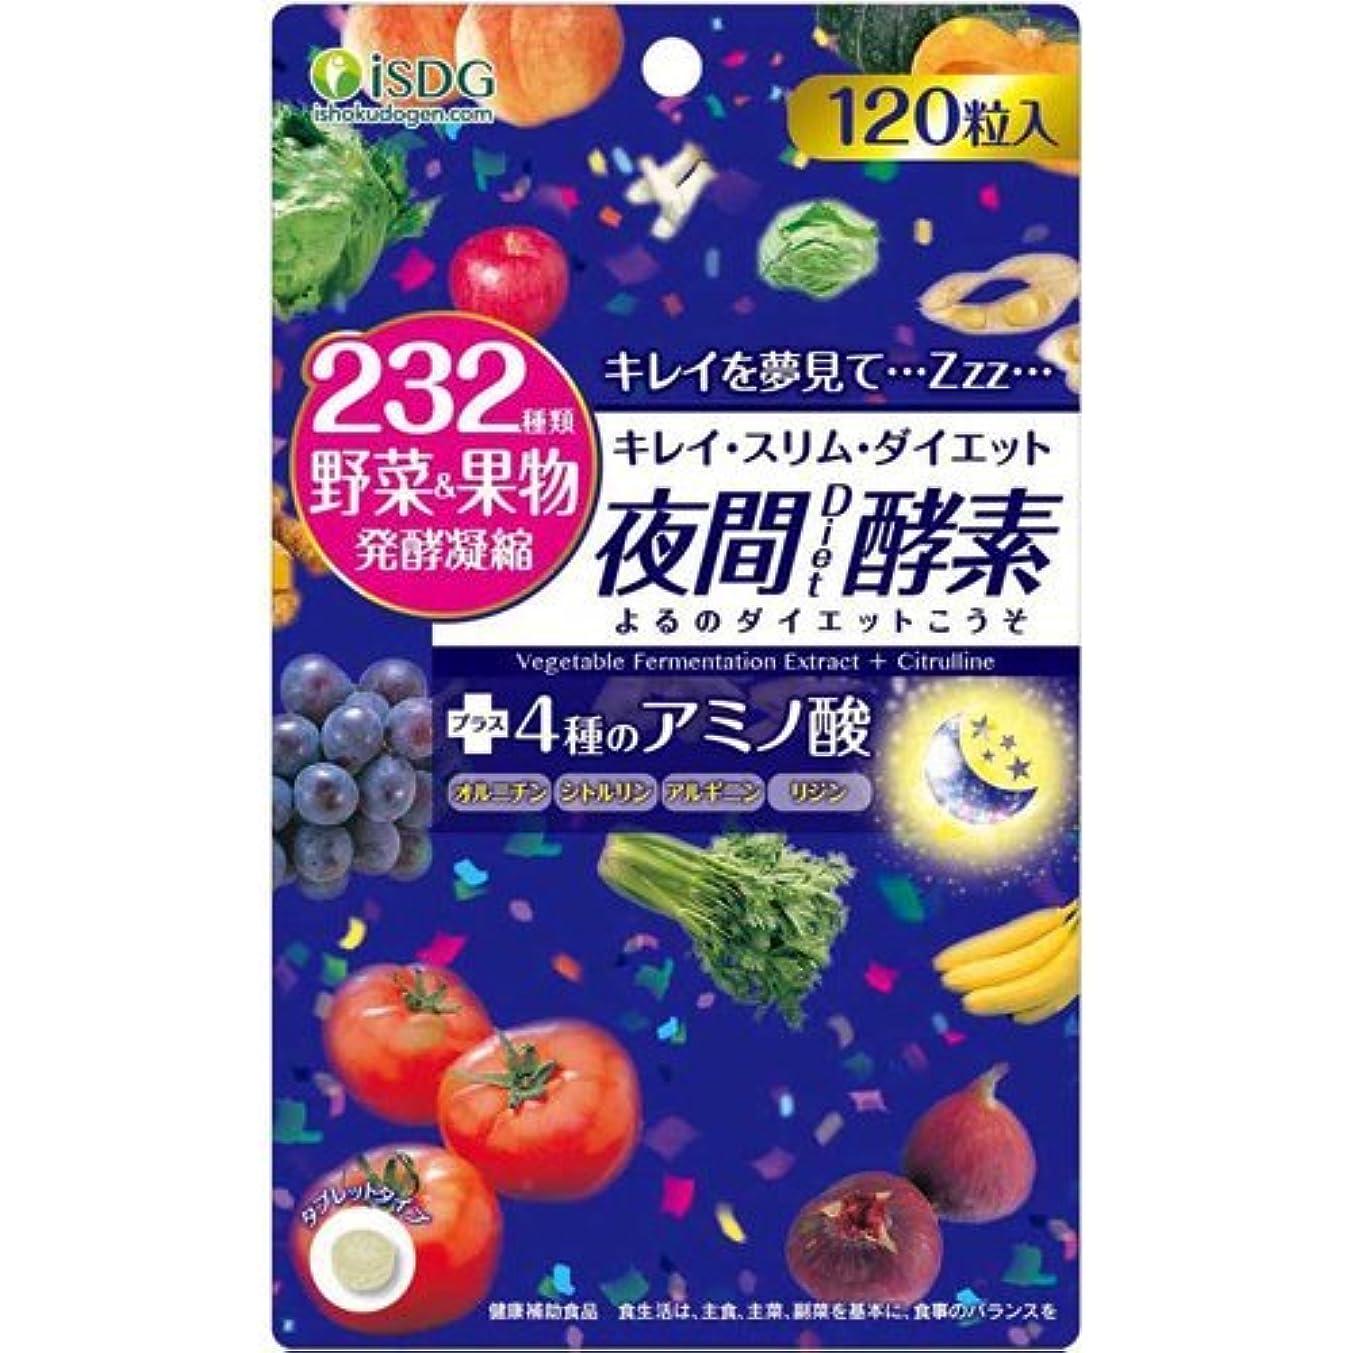 種シプリー圧縮された【30個セットで更にお得】医食同源ドットコム 232夜間Diet酵素(ナイトダイエット酵素) 120粒 ×30個